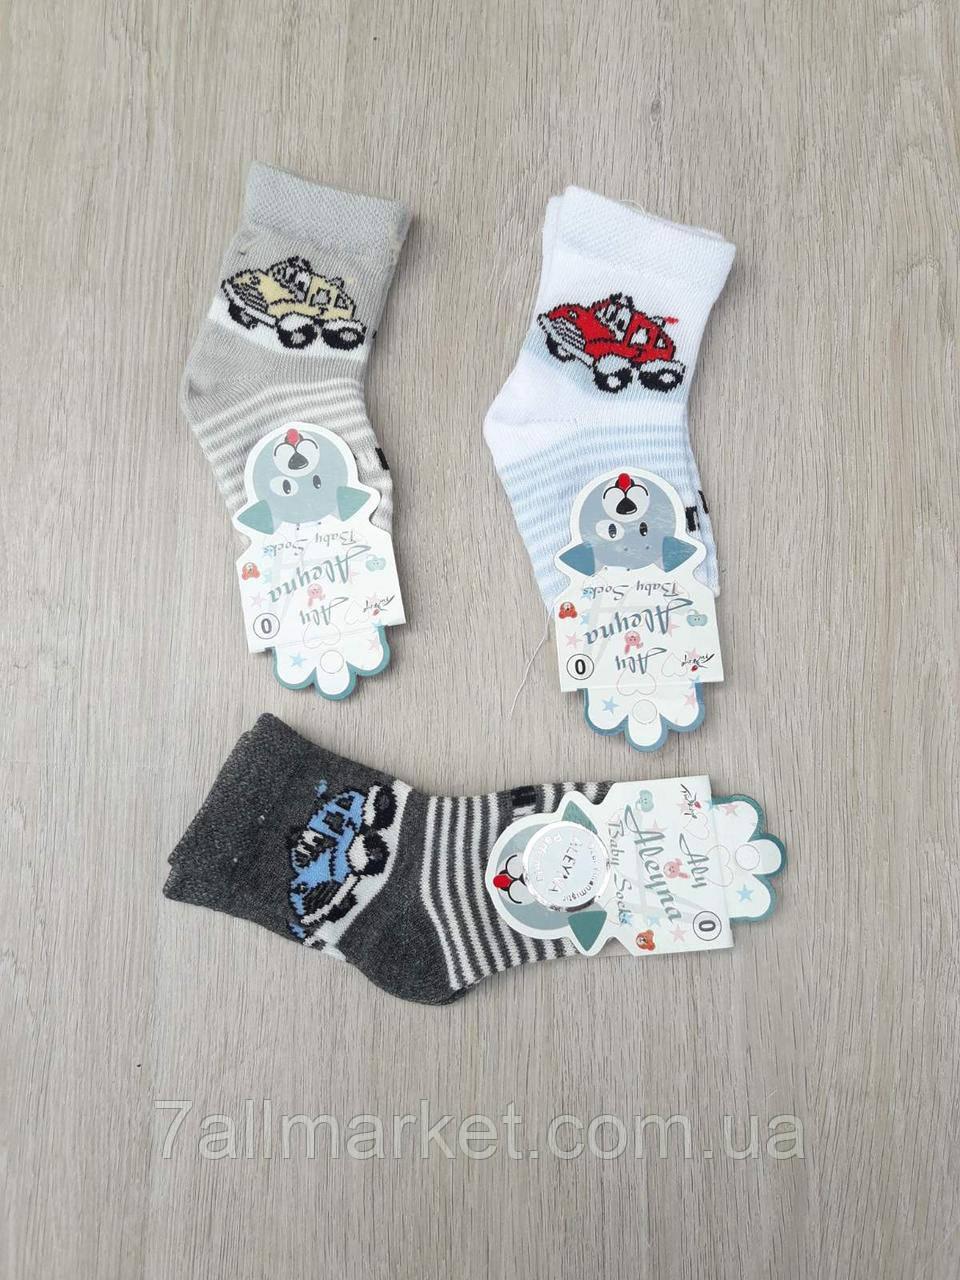 """Шкарпетки дитячі з машинками на хлопчика розмір 0 (12шт/уп) (3 цв)""""MARI"""" купити недорого від прямого постачальника"""